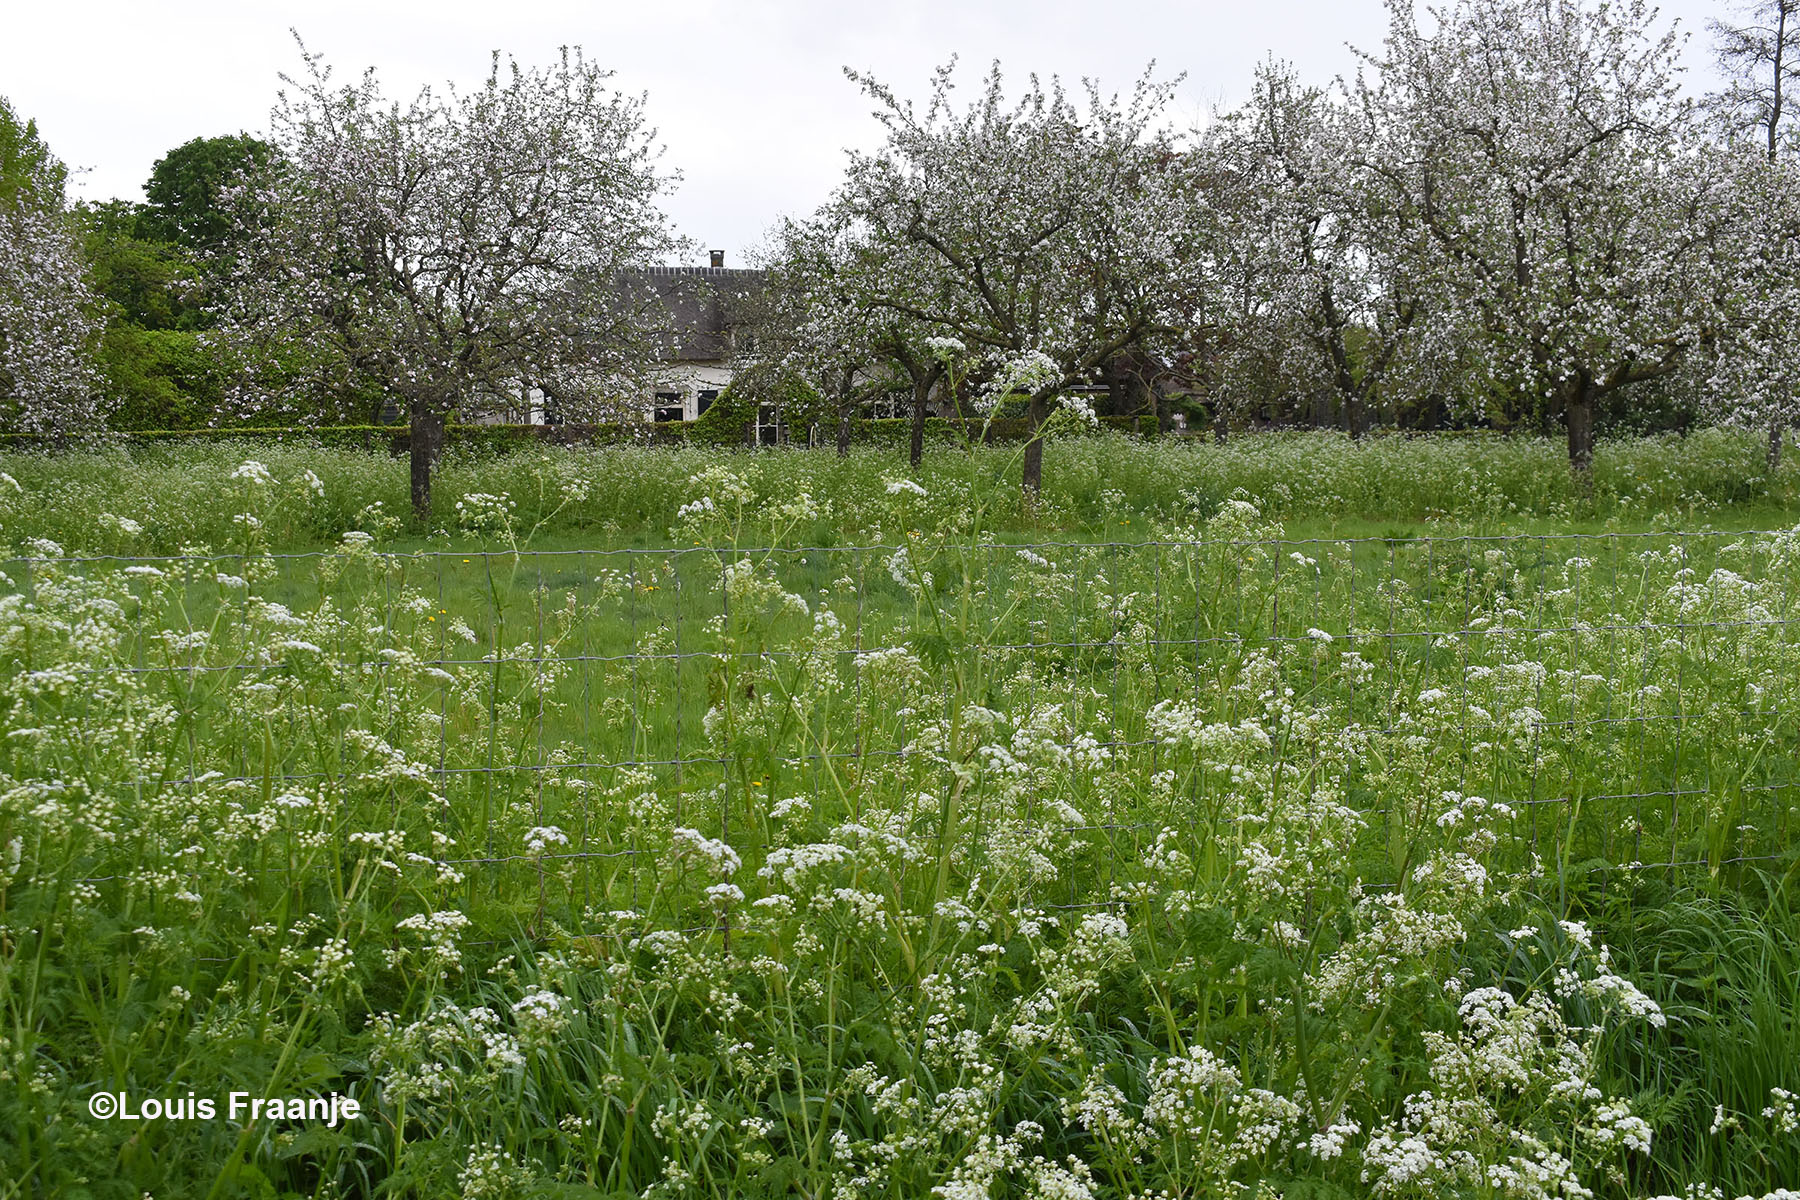 En tenslotte bijna aan het einde van de Dijkgraaf richting Ede, deze prachtig bloeiende boomgaard, met een weelderig tapijt van fluitekruid - Foto: ©Louis Fraanje